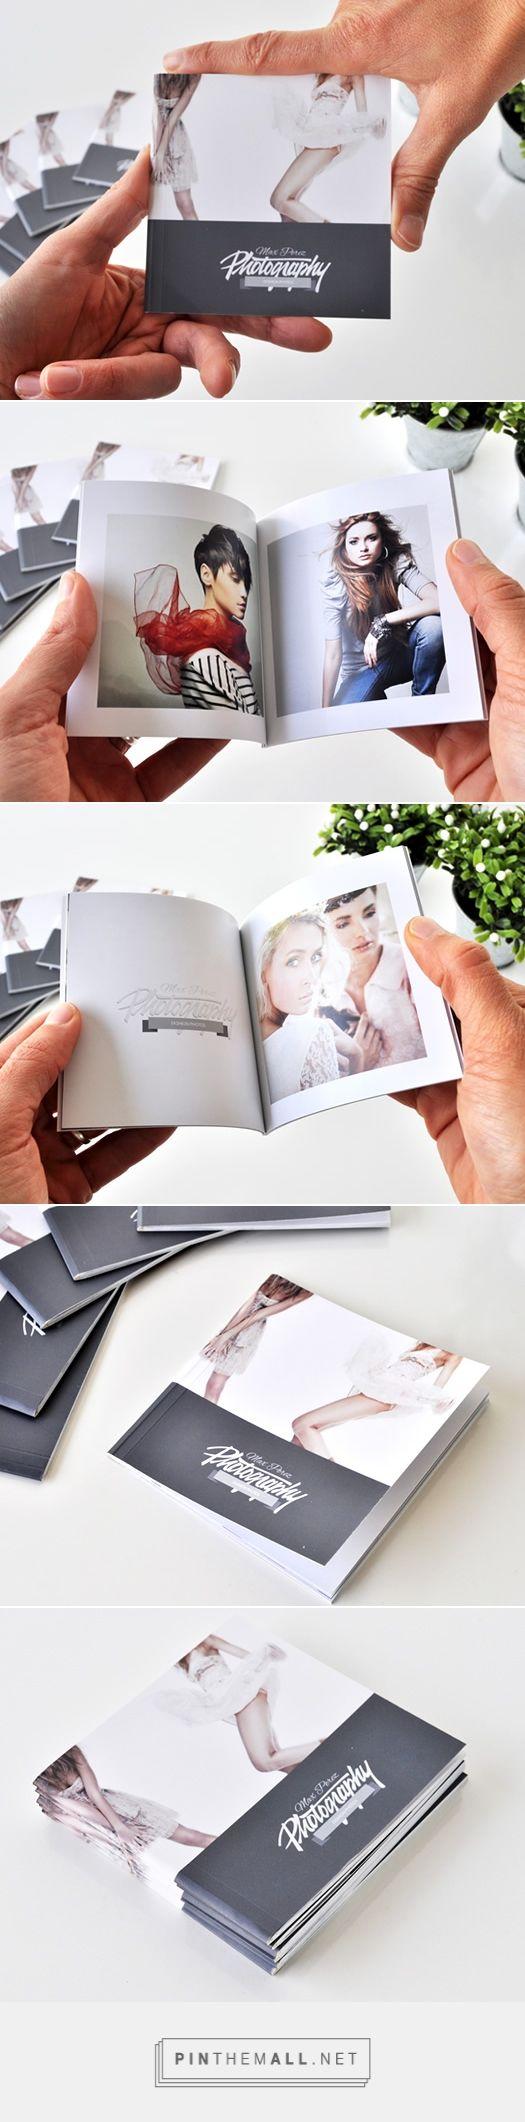 Mni portfolios oportunidad comercial para fotógrafos. Formato 10x10, con 22 páginas de base y tapa blanda, en packs de 12 unidades   Fotolibros y Photobooks Premium - Fábrica de Fotolibros